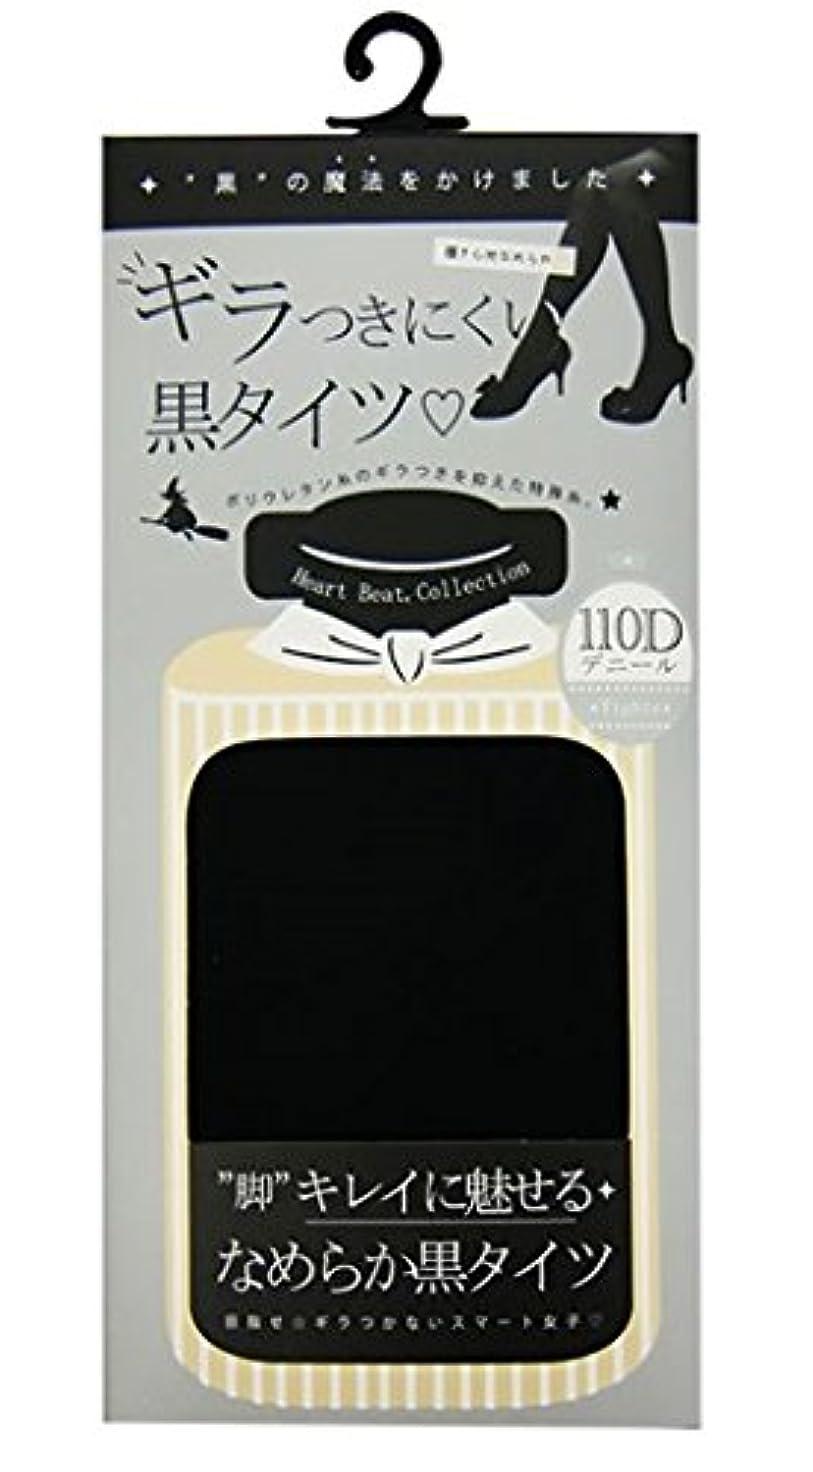 経由で接続された無し(テカらない)ギラつきにくい黒タイツ 110D 黒 M~L